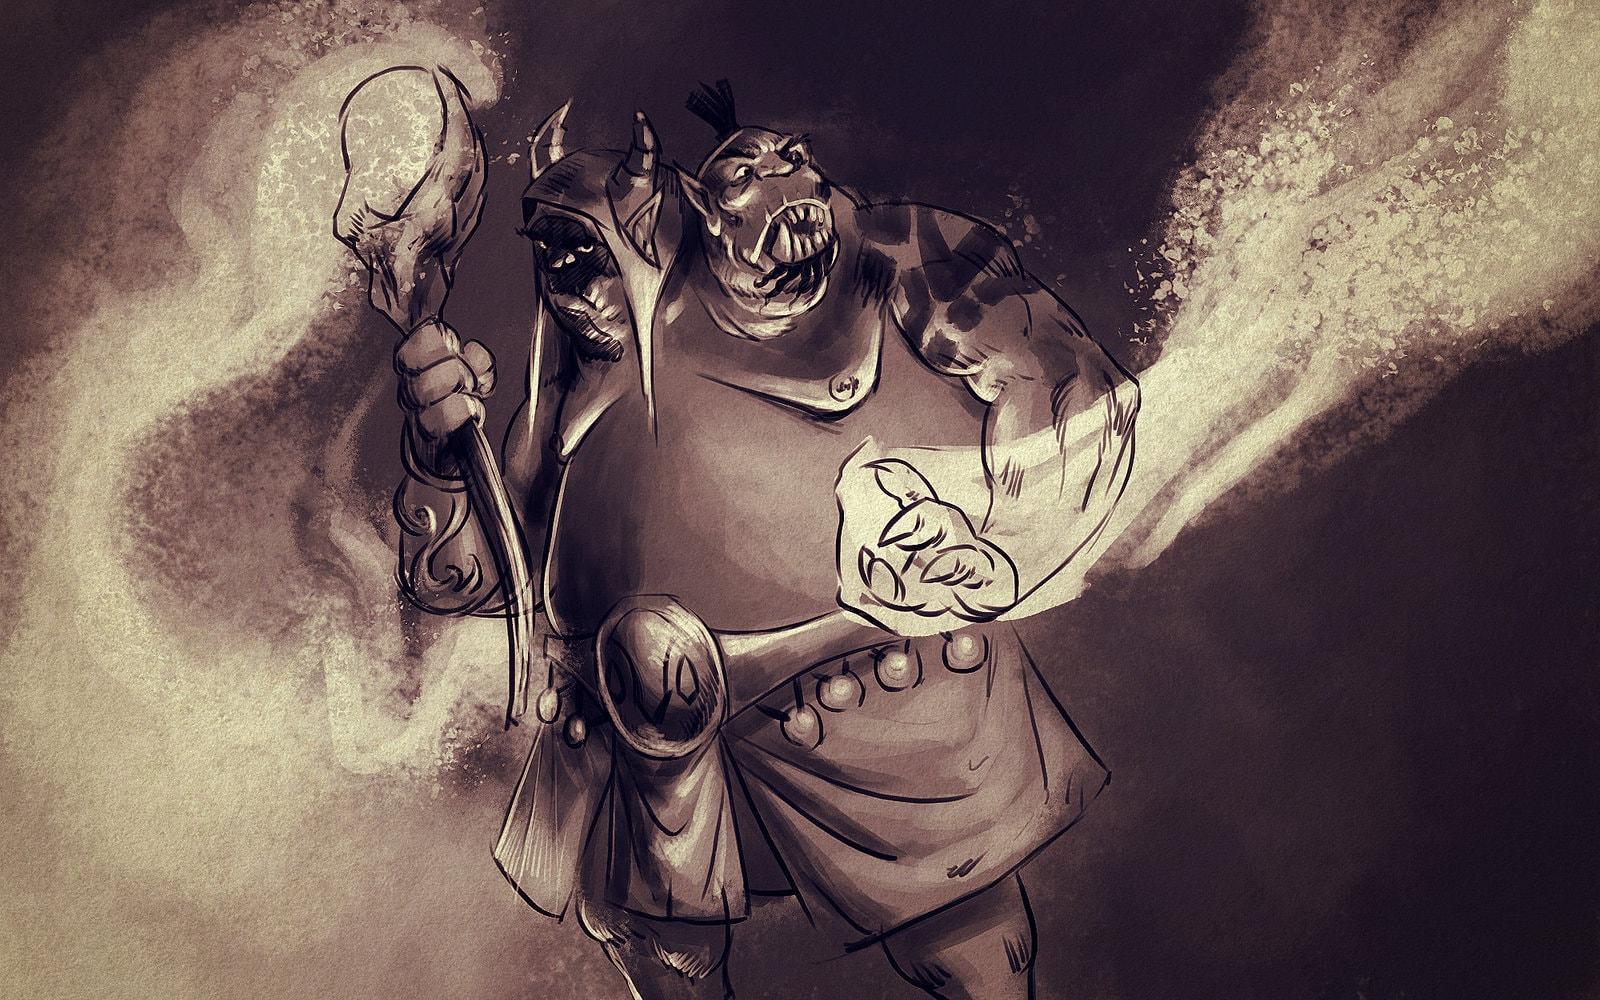 Dota2 : Ogre Magi Free